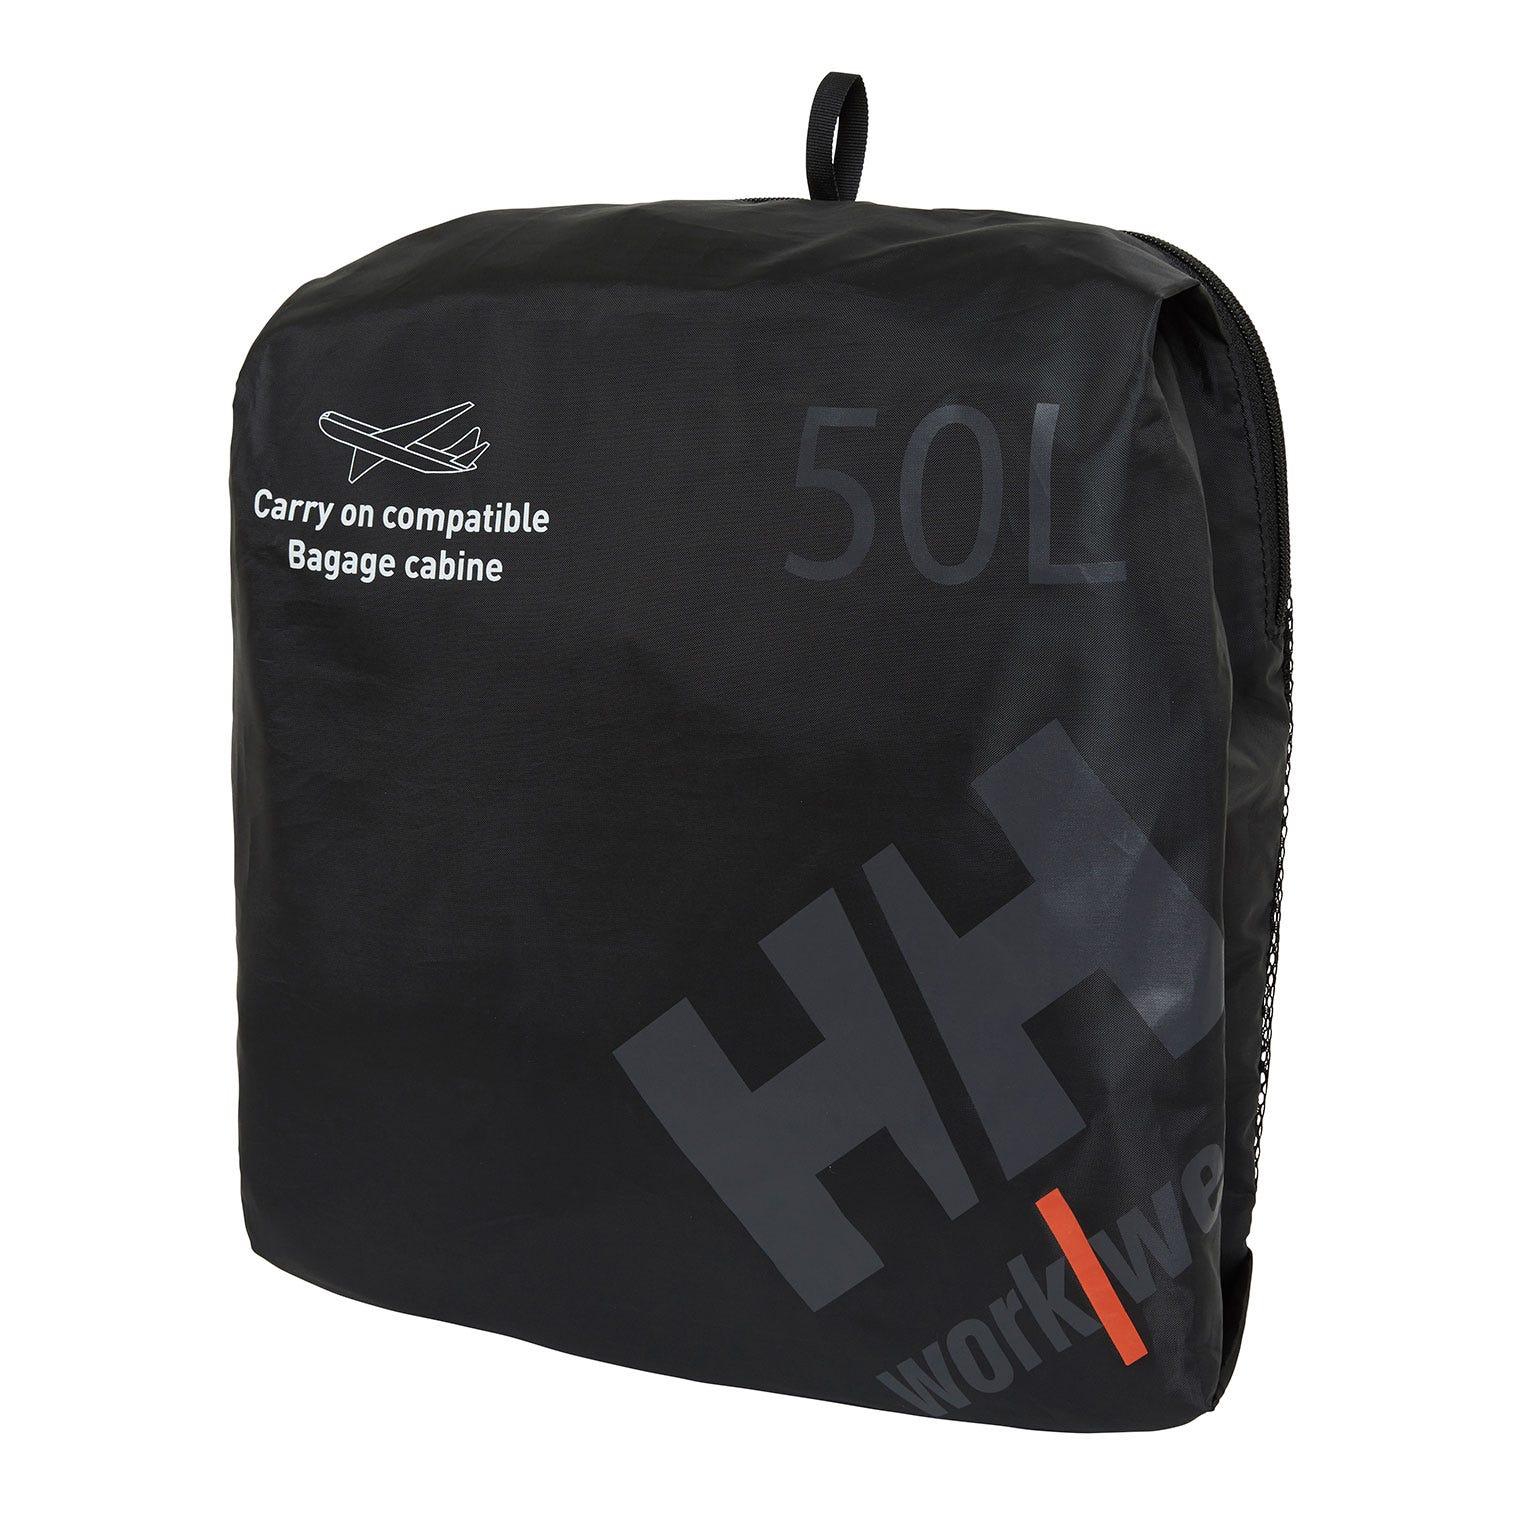 Helly Hansen Reistassen Duffel 79572 Inhoud 50 liter zwart(990)